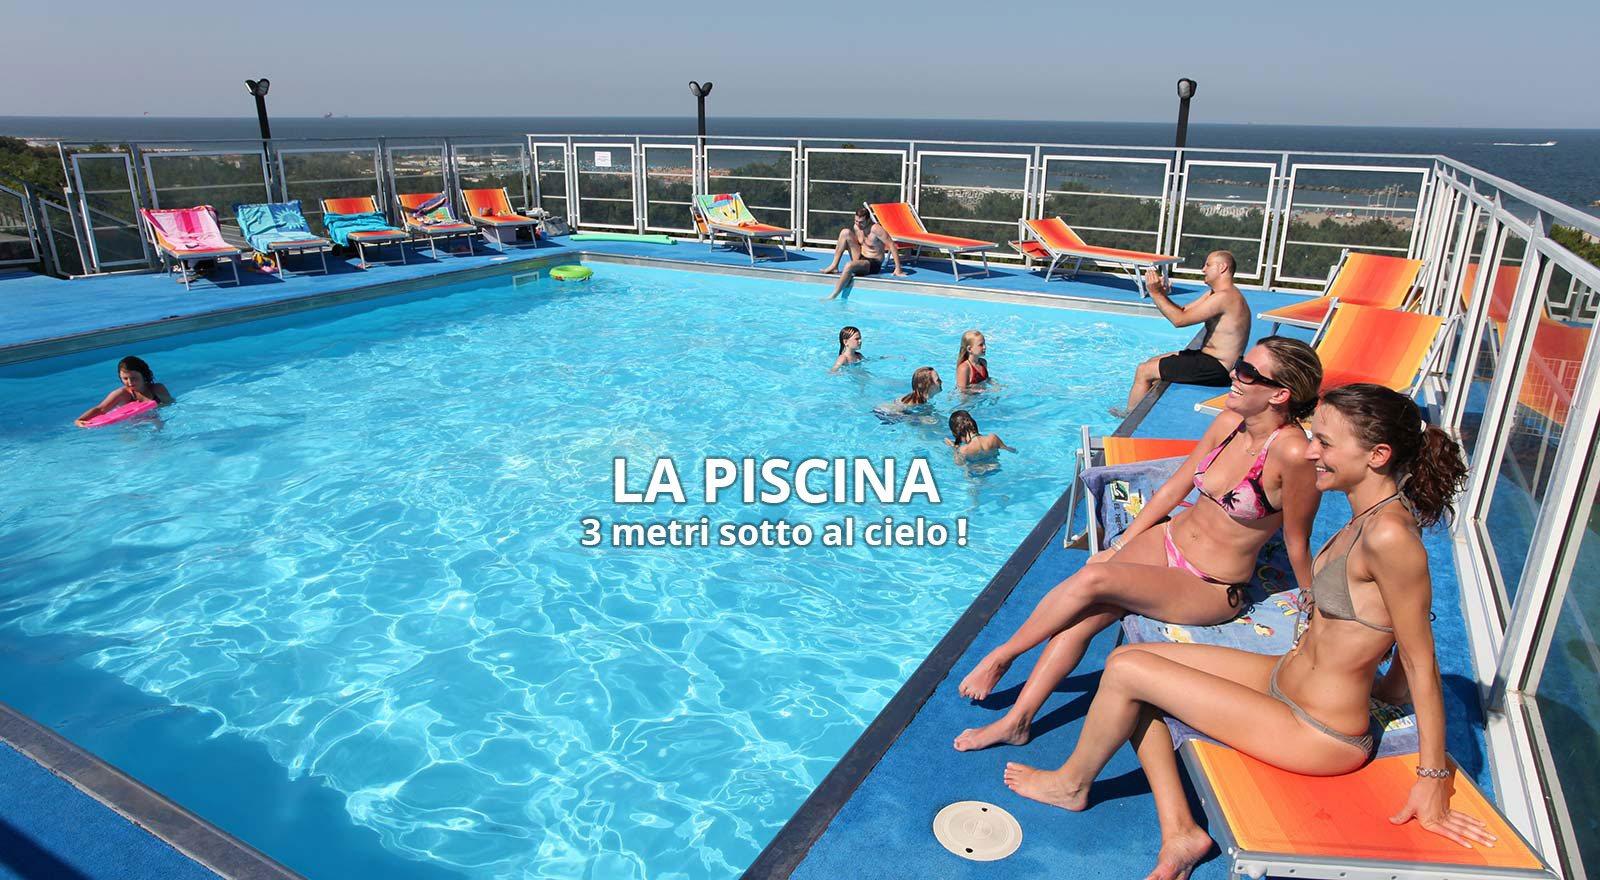 Hotel a lido di classe vicino mirabilandia hotel sorriso - Piscina comunale ravenna prezzi ...